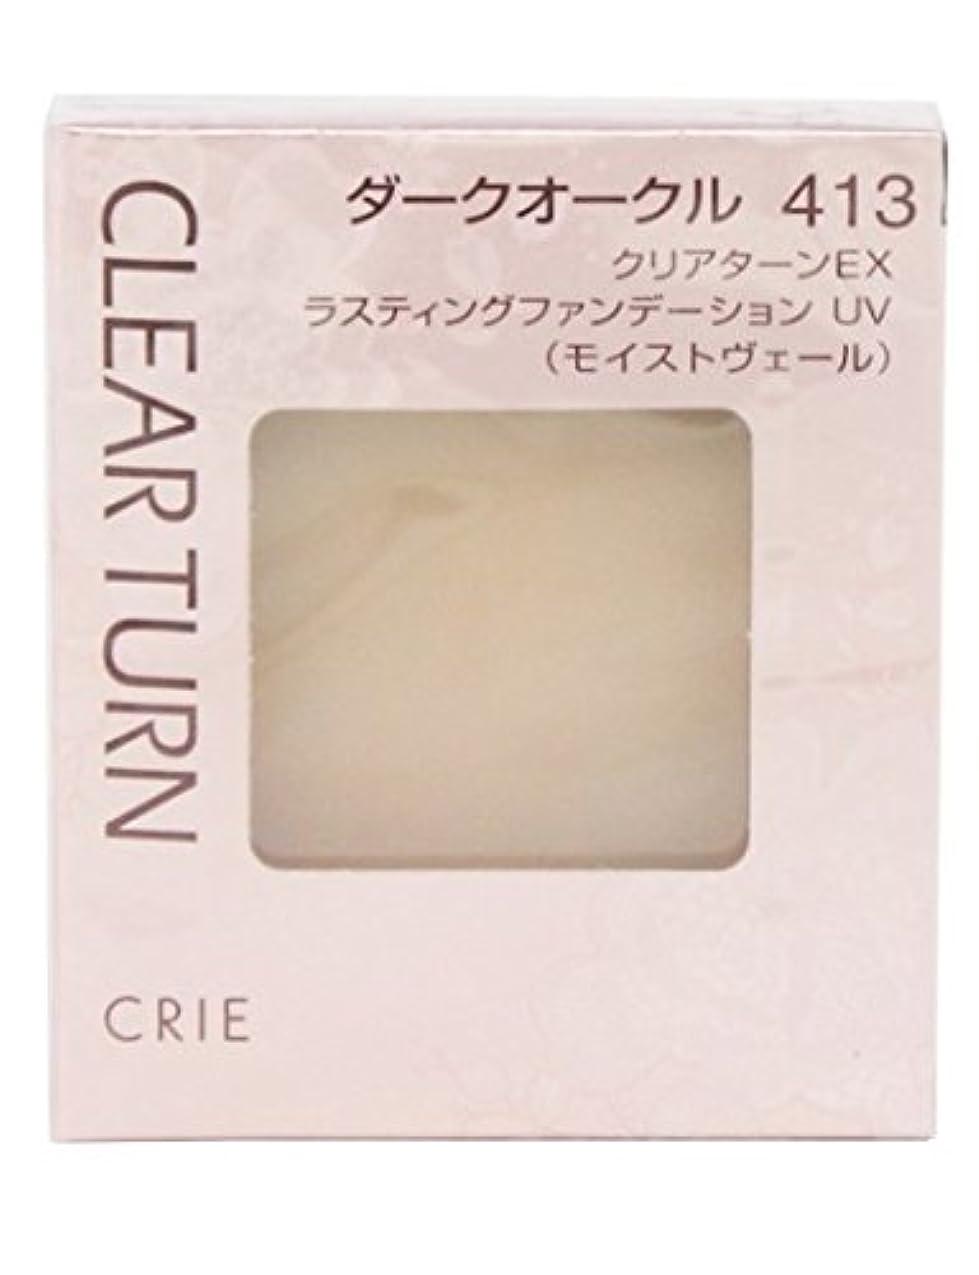 入場料認証実質的にクリエ(CRIE) クリアターンEX ラスティングファンデーション UV (モイストヴェール) #413 ダークオークル 9.5g